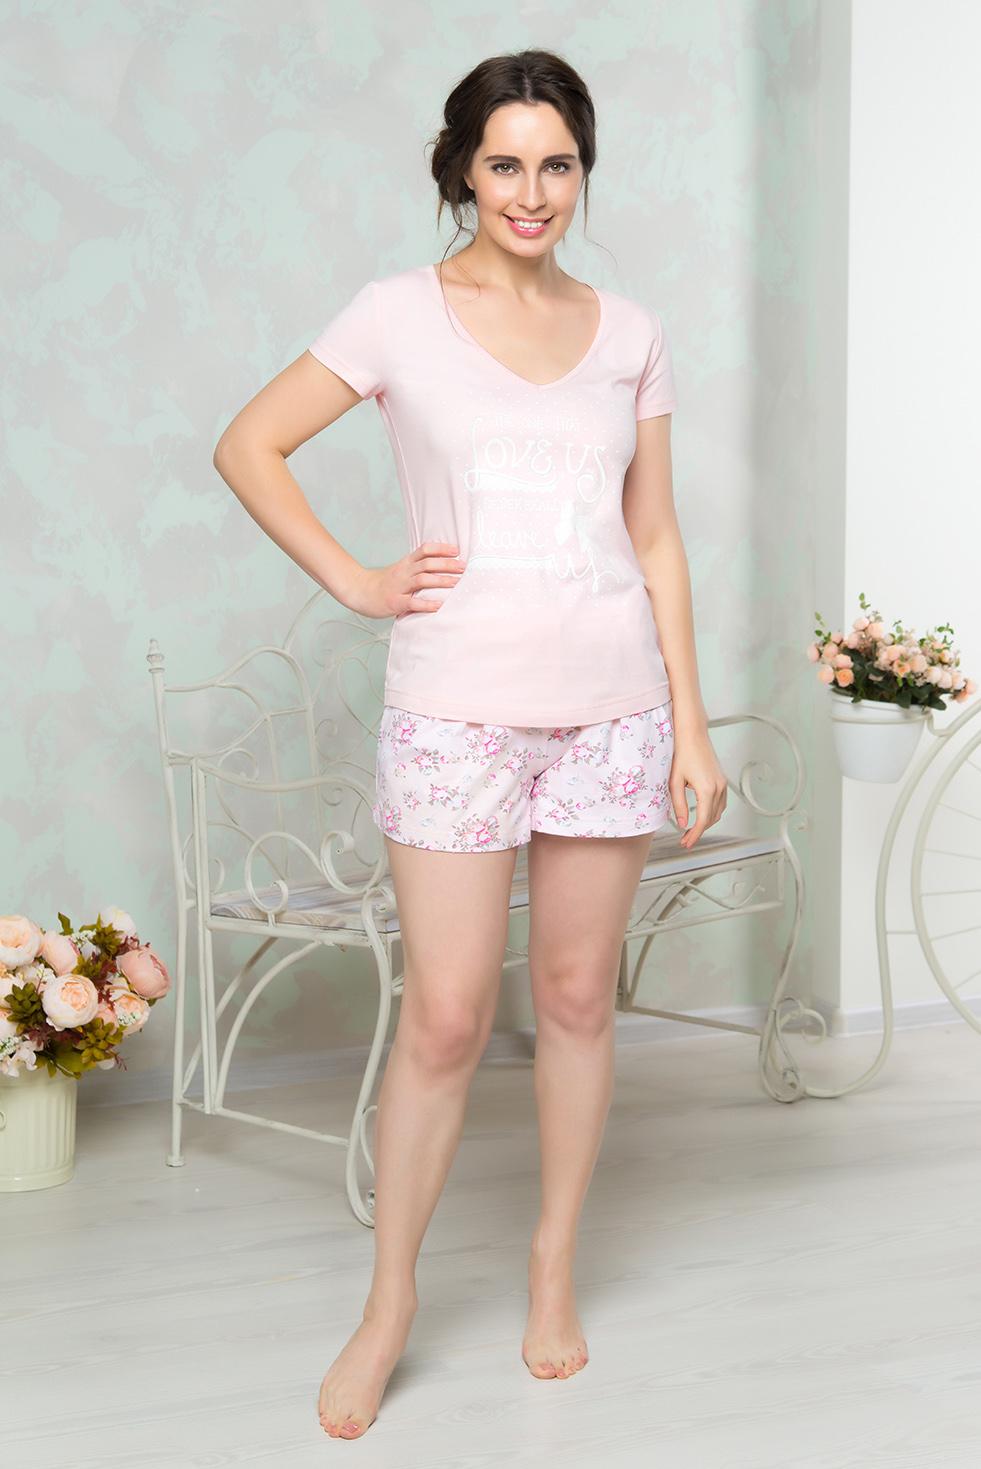 ПижамаAW16-MCUZ-845Пижама женская Mia Cara состоит из футболки и шорт. Модель выполнена из высококачественного хлопка с добавлением эластана. Футболка оформлена принтом с надписями, шорты - цветочным принтом.